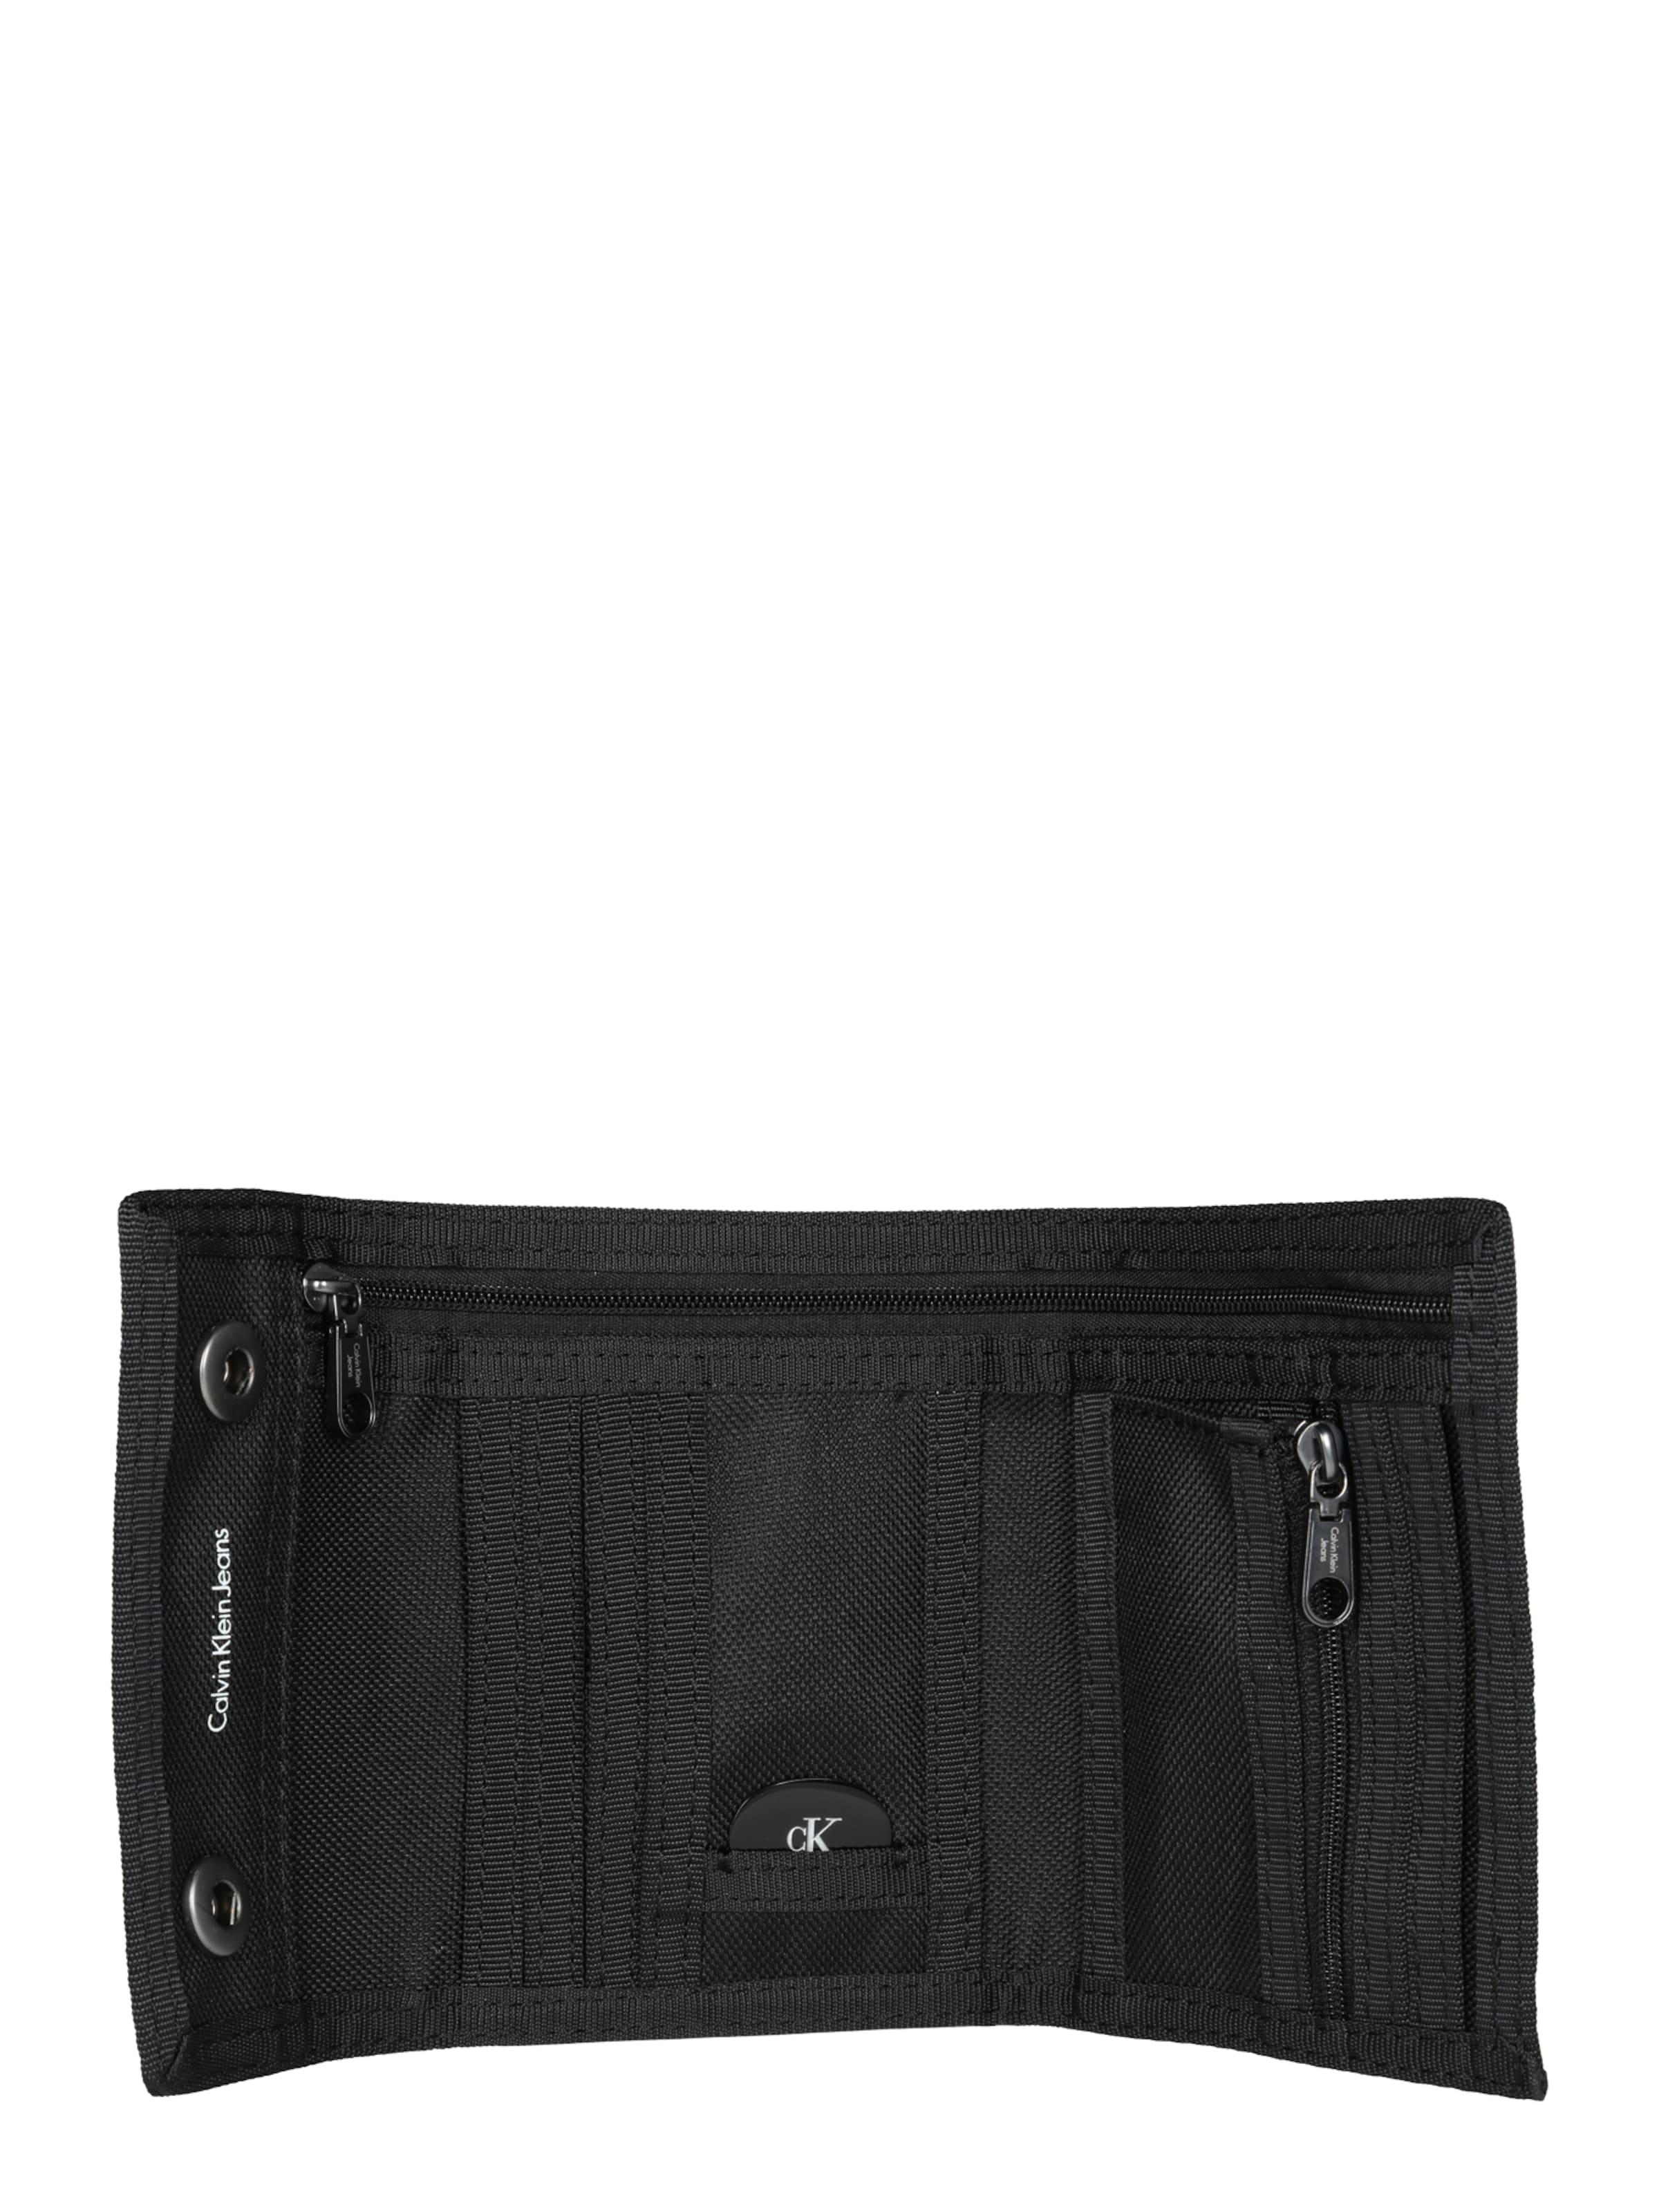 Calvin Klein Jeans Geldbörse 'SPORT ESSENTIAL BILLFOLD' Erkunden Rabatt Aaa Freies Verschiffen Vorbestellung x2fR9